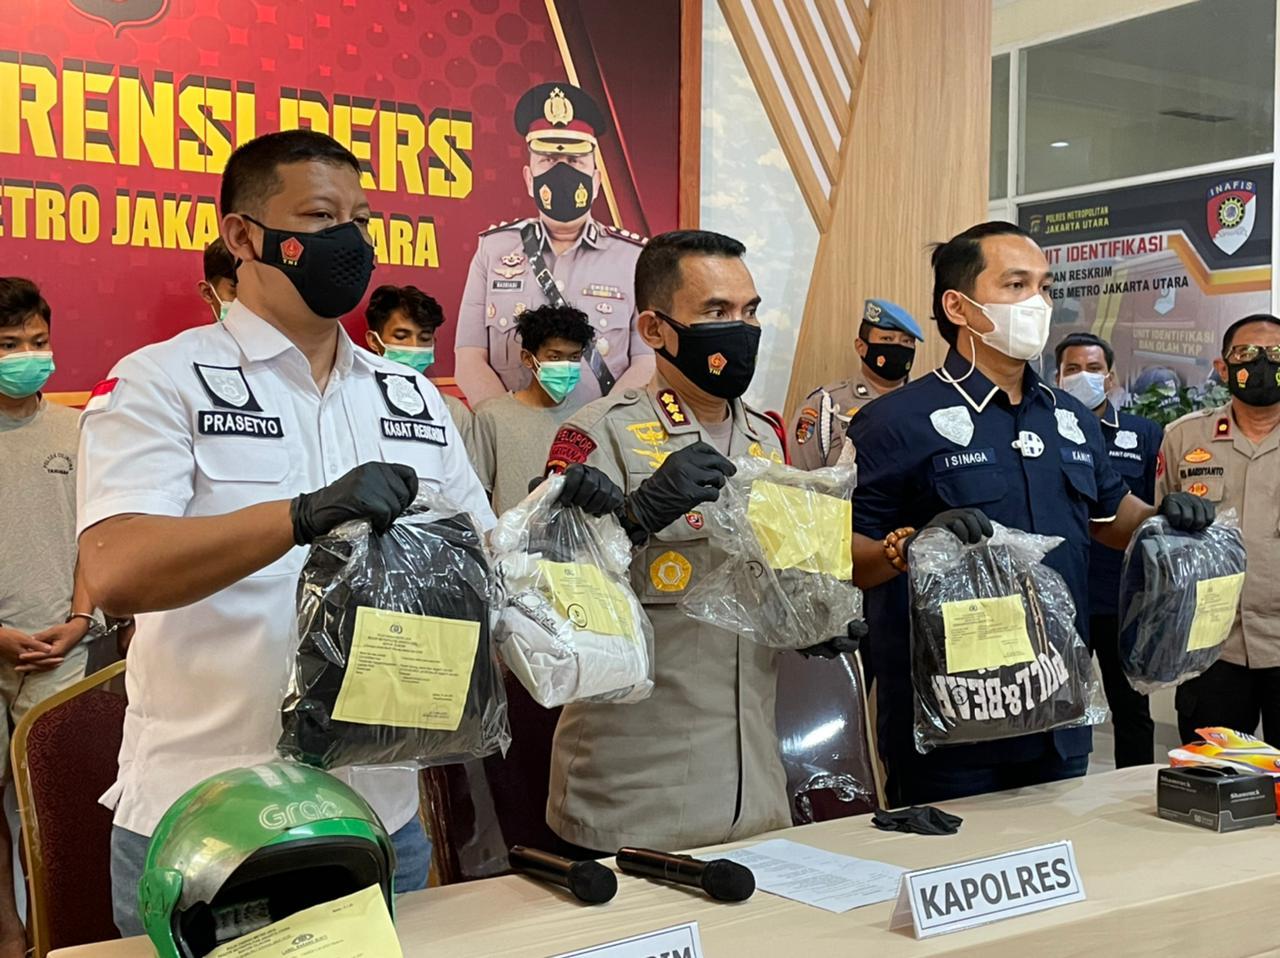 Sejumlah barang bukti kasus penganiayaan diamankan polisi. (Foto: PMJ News/ Nia TV Radio Polri)